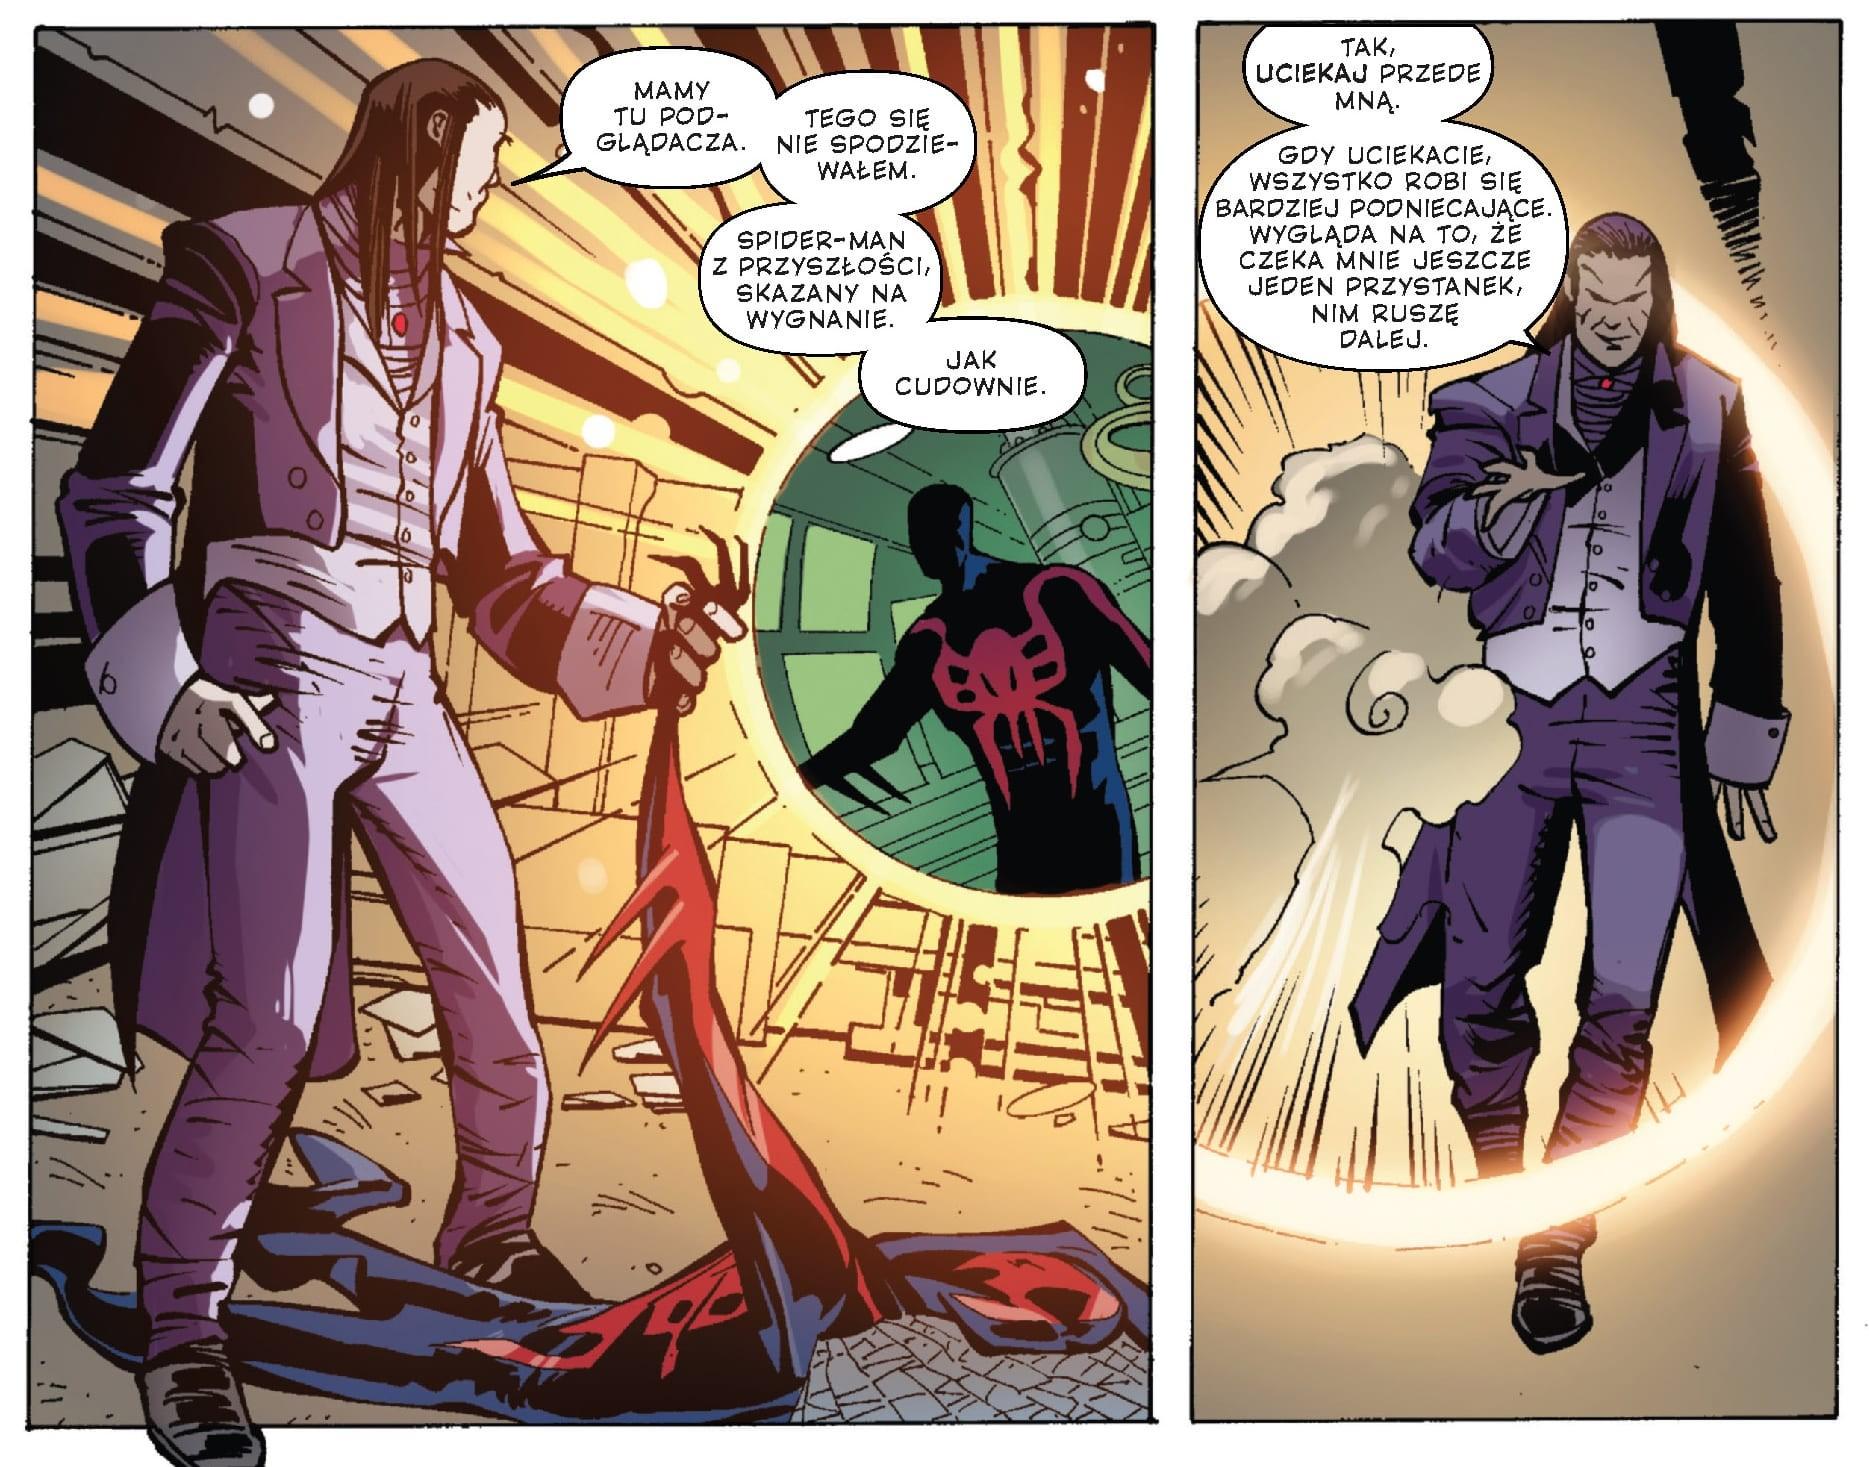 spider_man_2099_t1_plansza_01-min.jpg